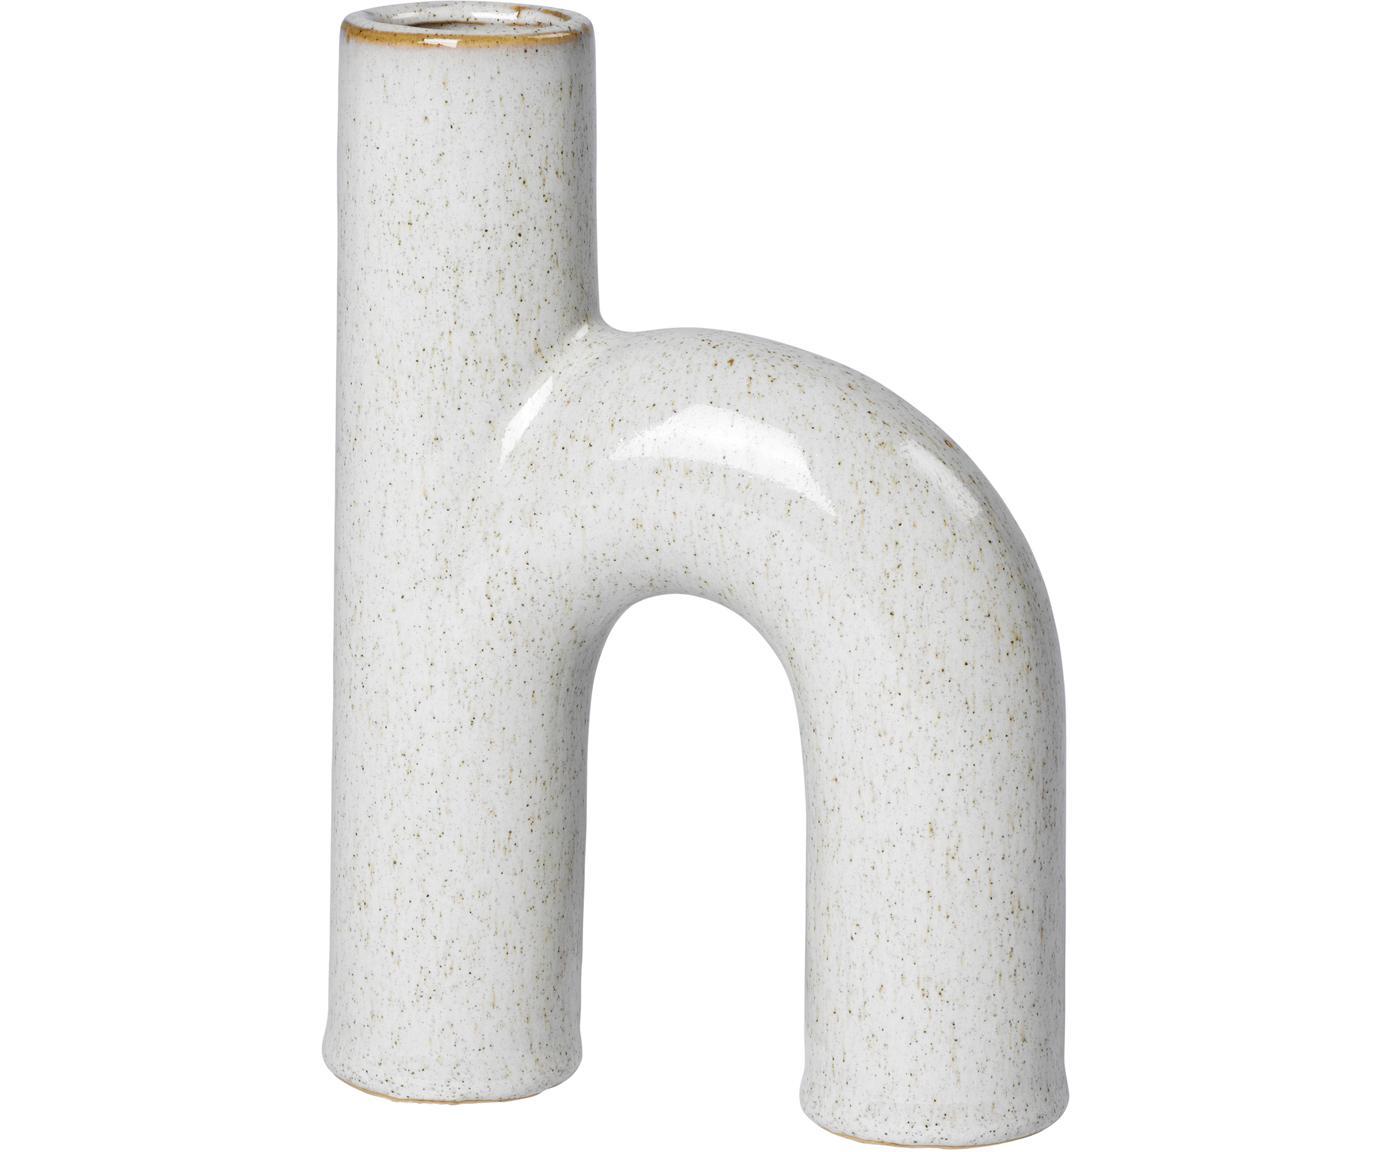 Vaso di design in terracotta Hector, Gres, Grigio, Larg. 13 x Alt. 19 cm